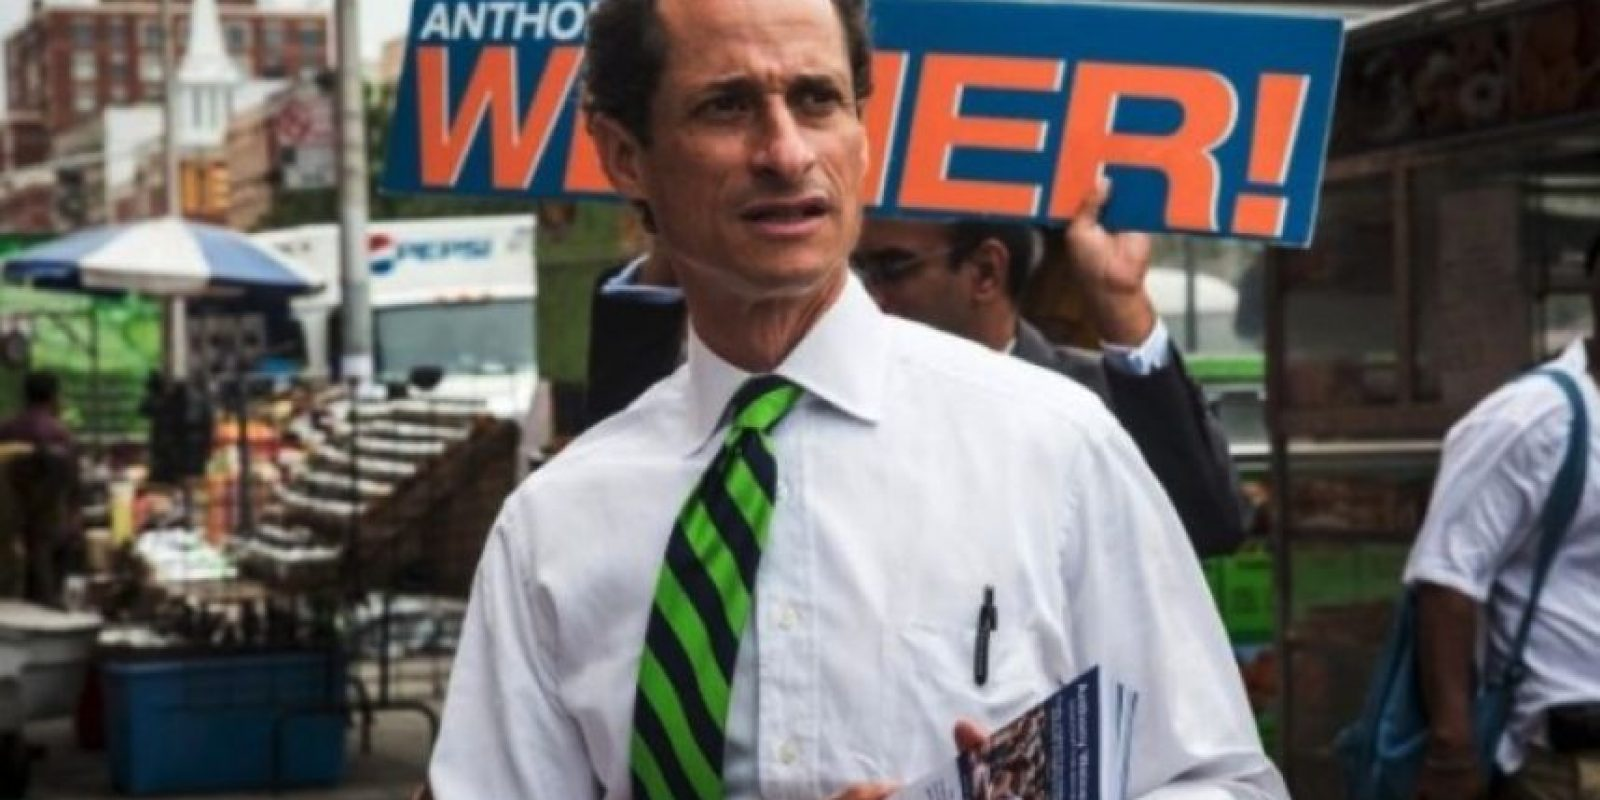 En 2011, el político demócrata fue acusado de enviar fotos privadas a través de redes sociales, hecho que negó rotundamente. Foto:Getty Images